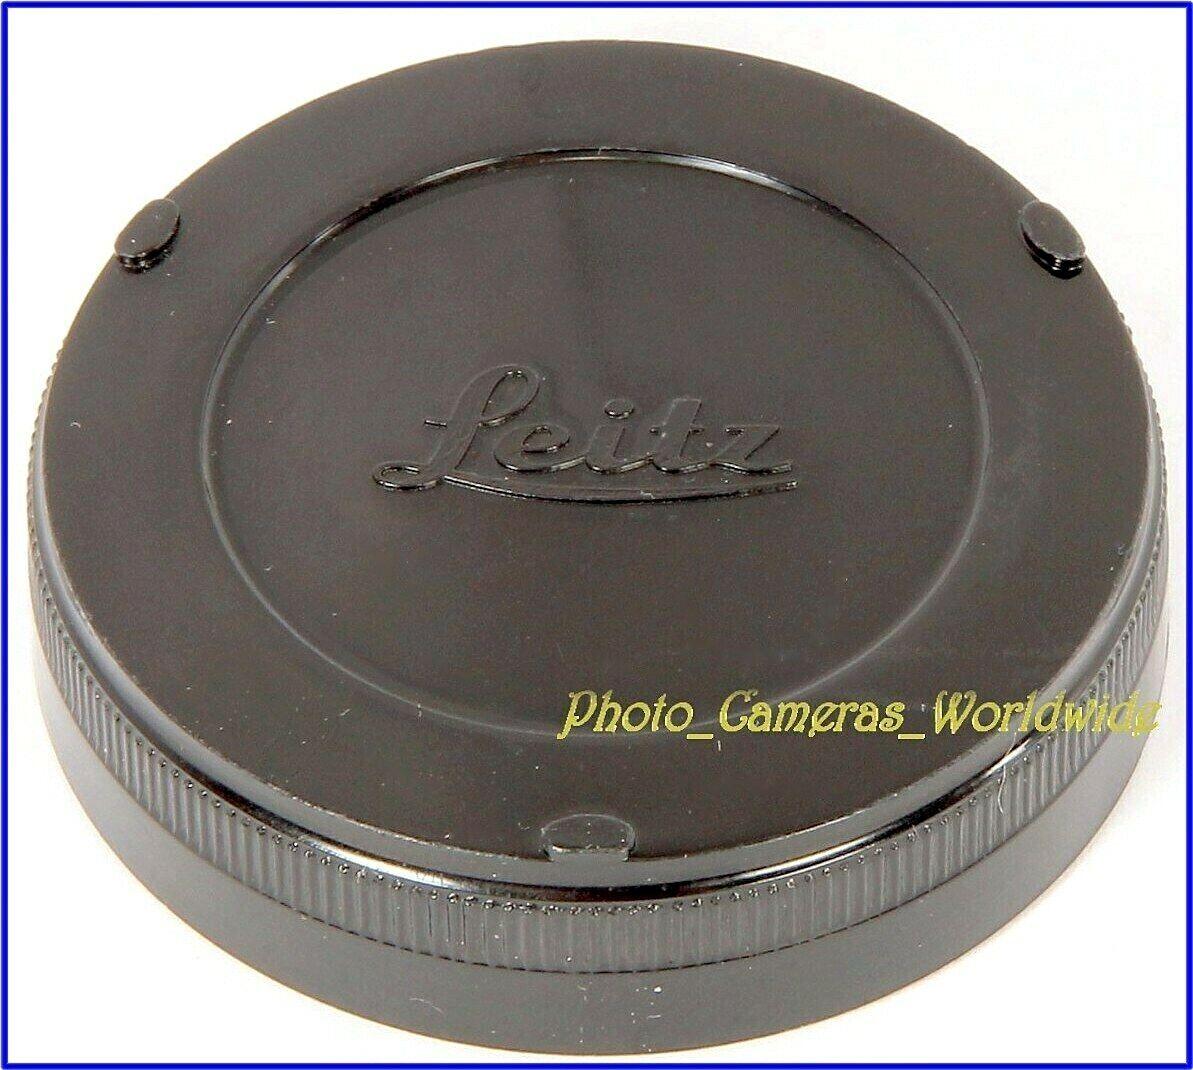 LEICA IZQOO Rear Lens Cap for NOCTILUX-M 1:1.25/75mm SUMMILUX 1.4/50 TRI-Elmar-M